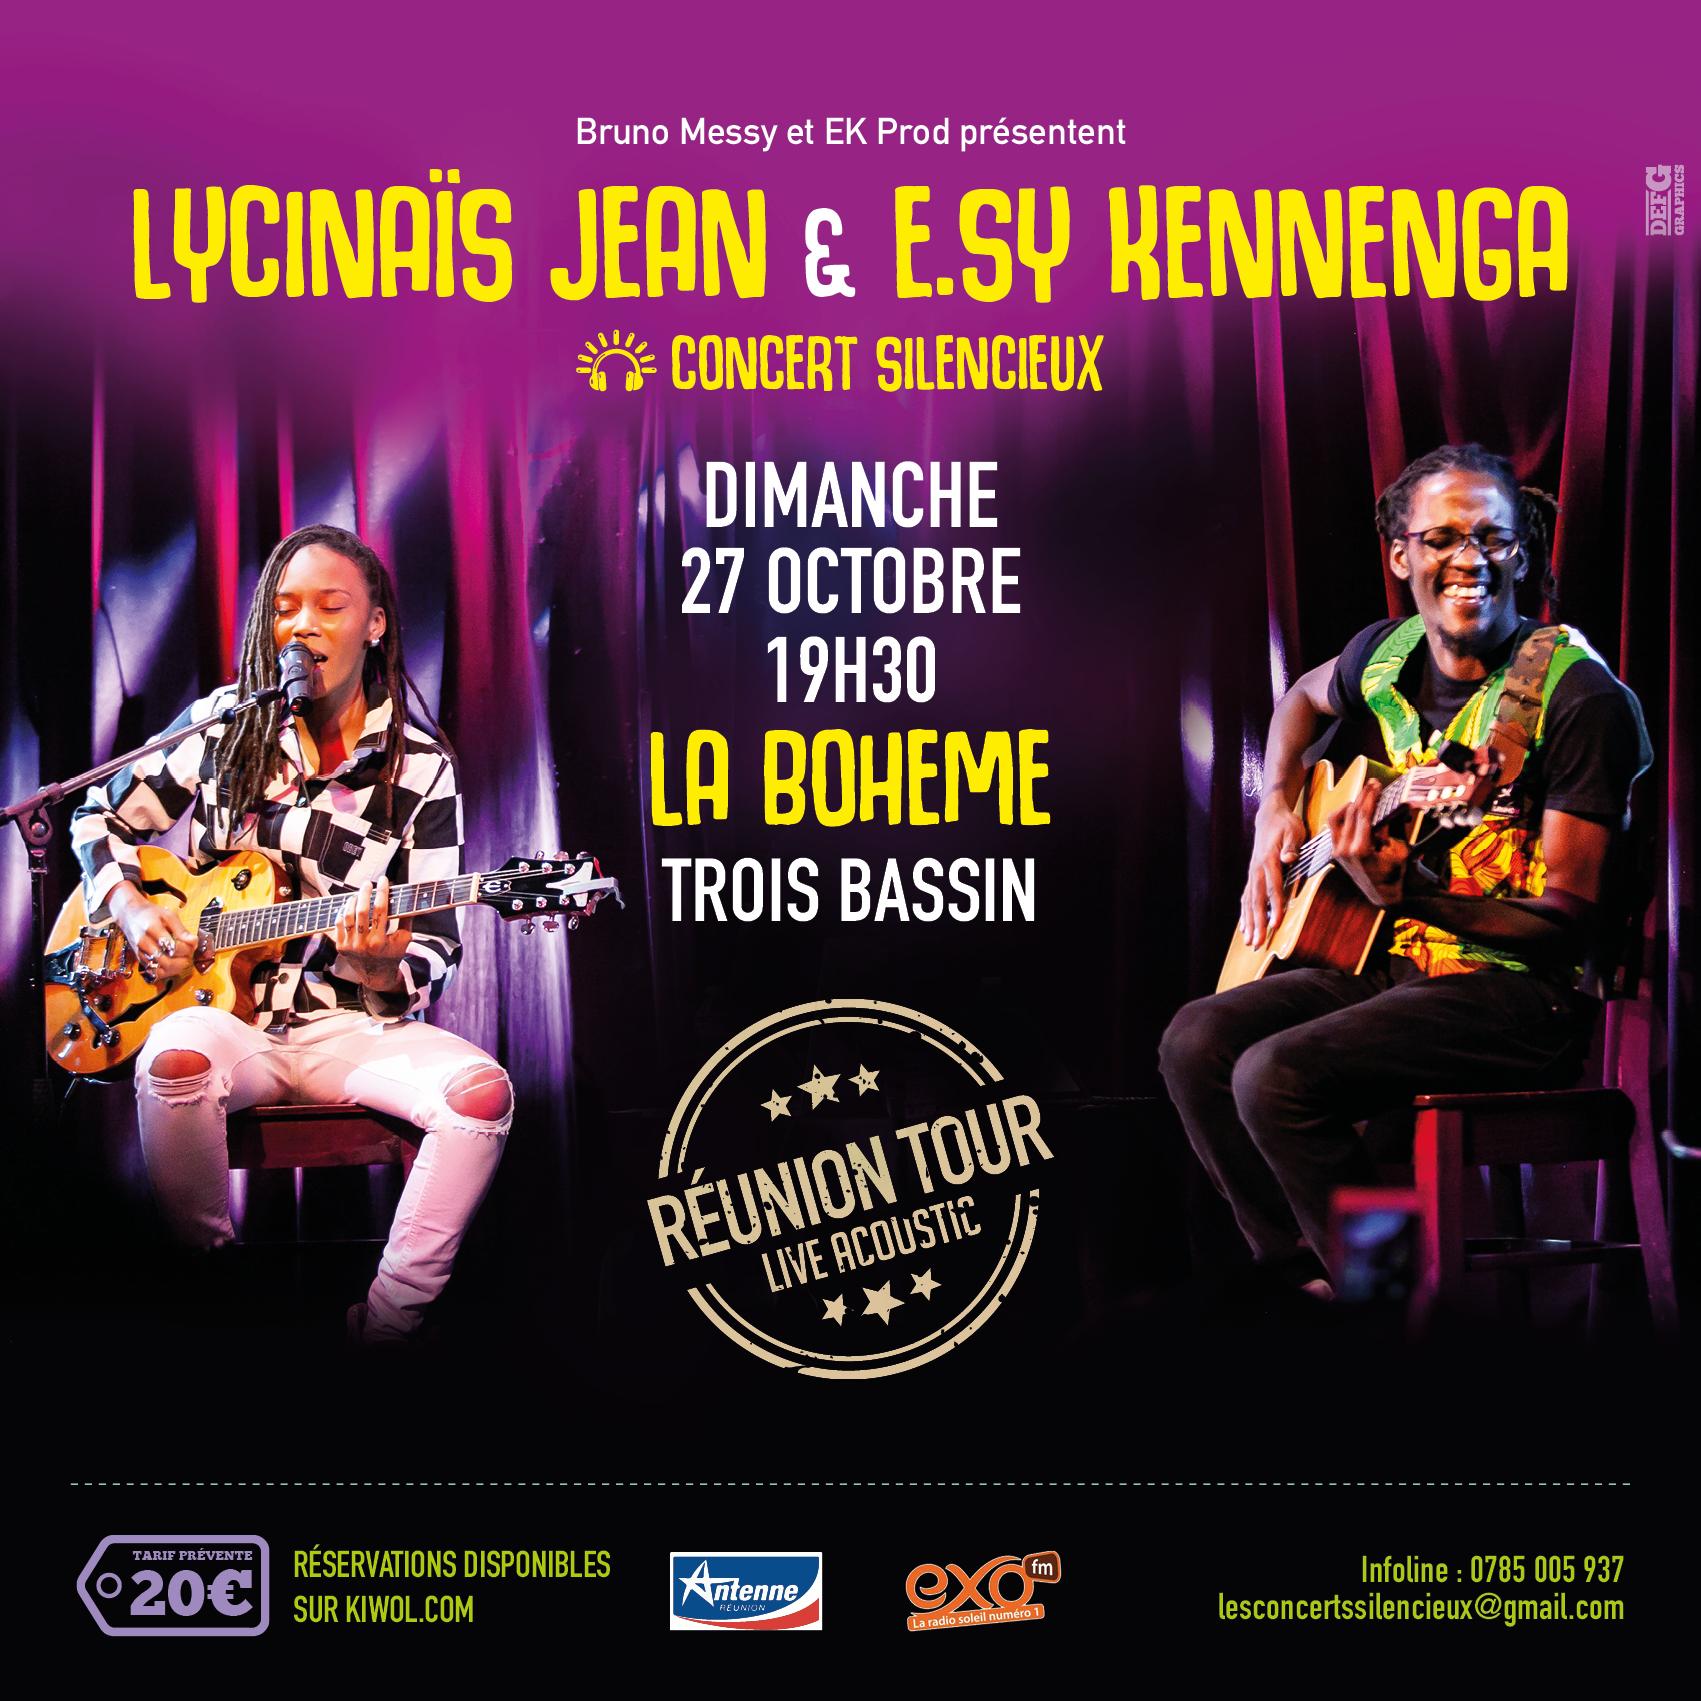 LYCINAÏS JEAN & E.SY KENNENGA -En DUO - Concert Live Acoustique - (Silencieux) – a TROIS BASSINS à La REUNION